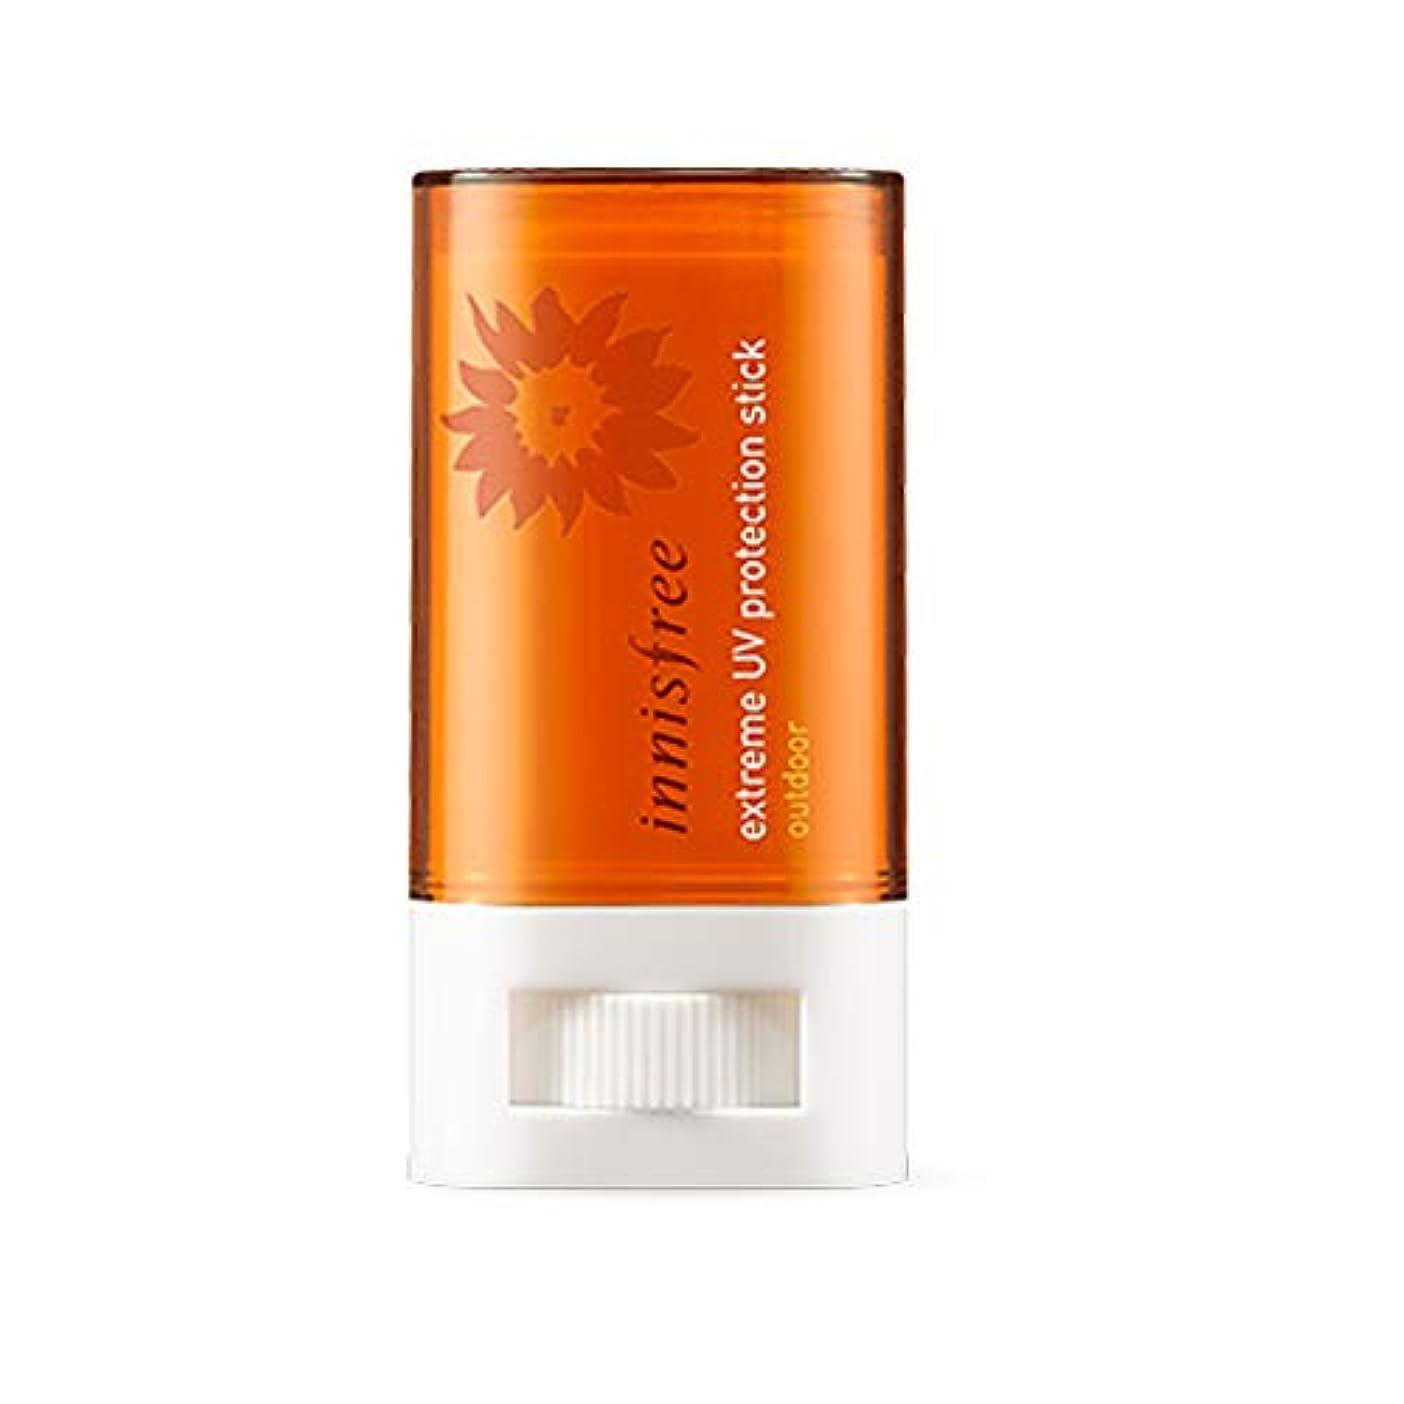 ループバイナリ監査イニスフリーエクストリームUVプロテクションスティックアウトドアSPF50 + PA ++++ 19g Innisfree Extreme UV Protection Stick Outdoor SPF50 + PA +...